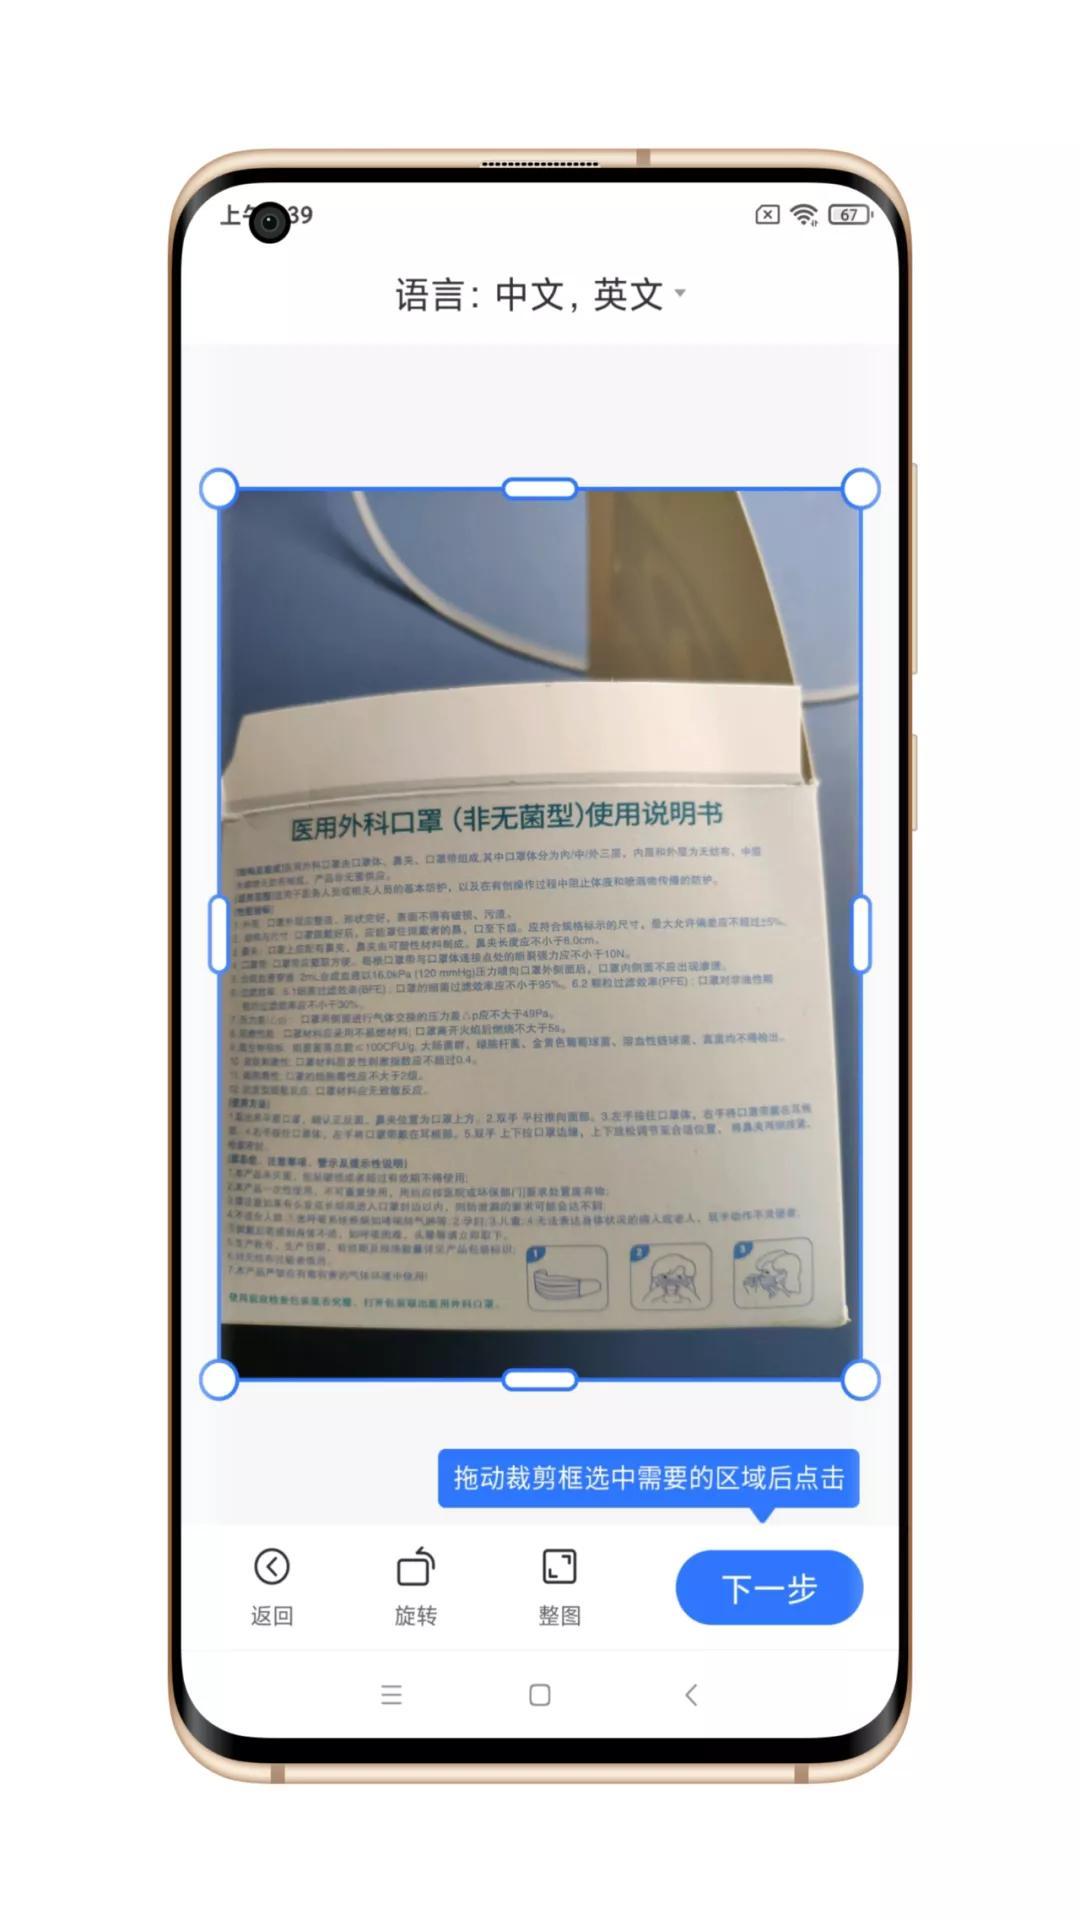 分享一款文字识别软件「扫描君」支持证件扫描表格识别 办公软件 第3张